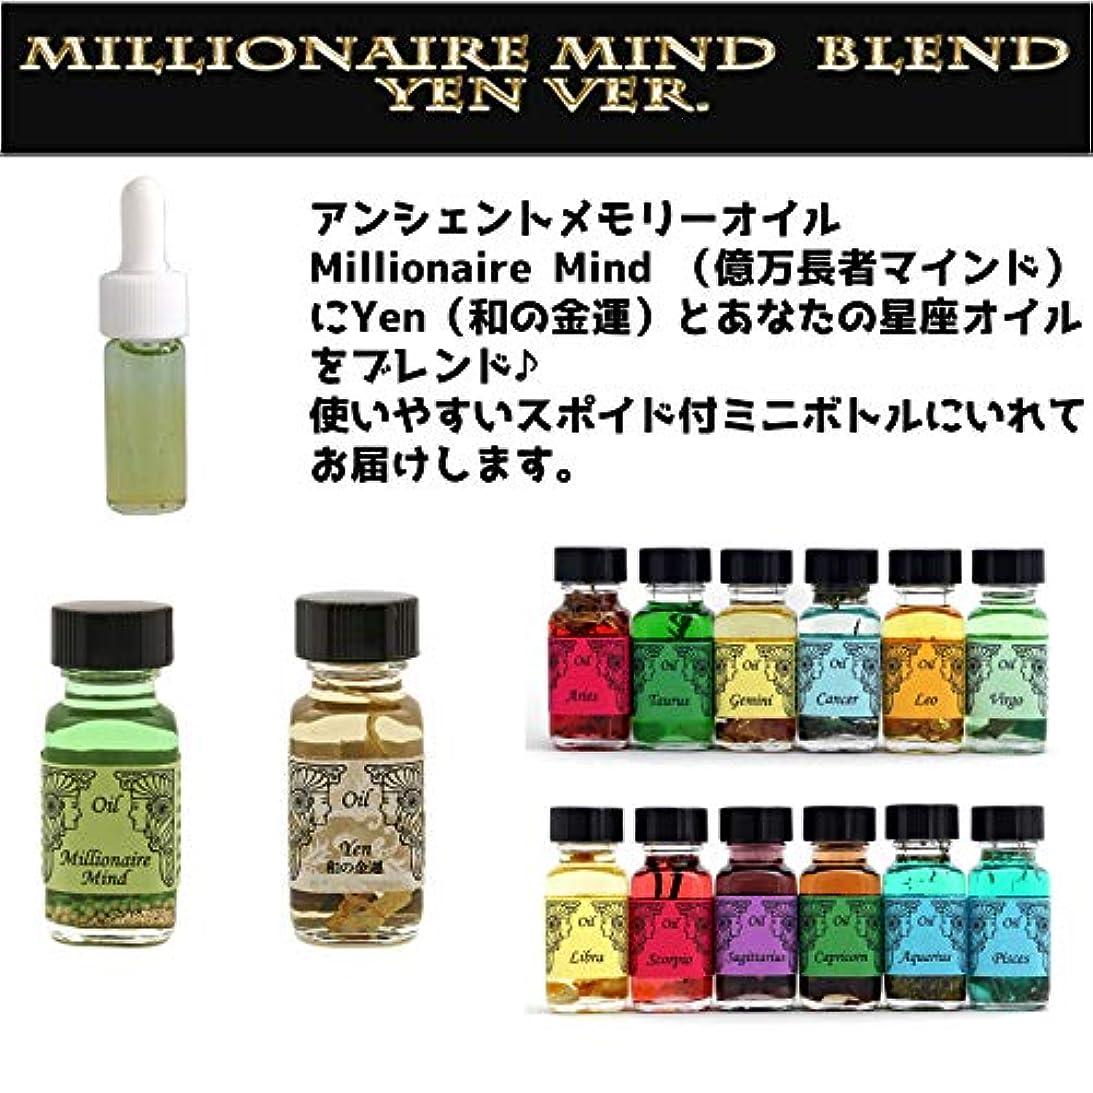 まともなまたはどちらかブリードアンシェントメモリーオイル Millionaire Mind 億万長者マインド ブレンド【Yen 和の金運&てんびん座】